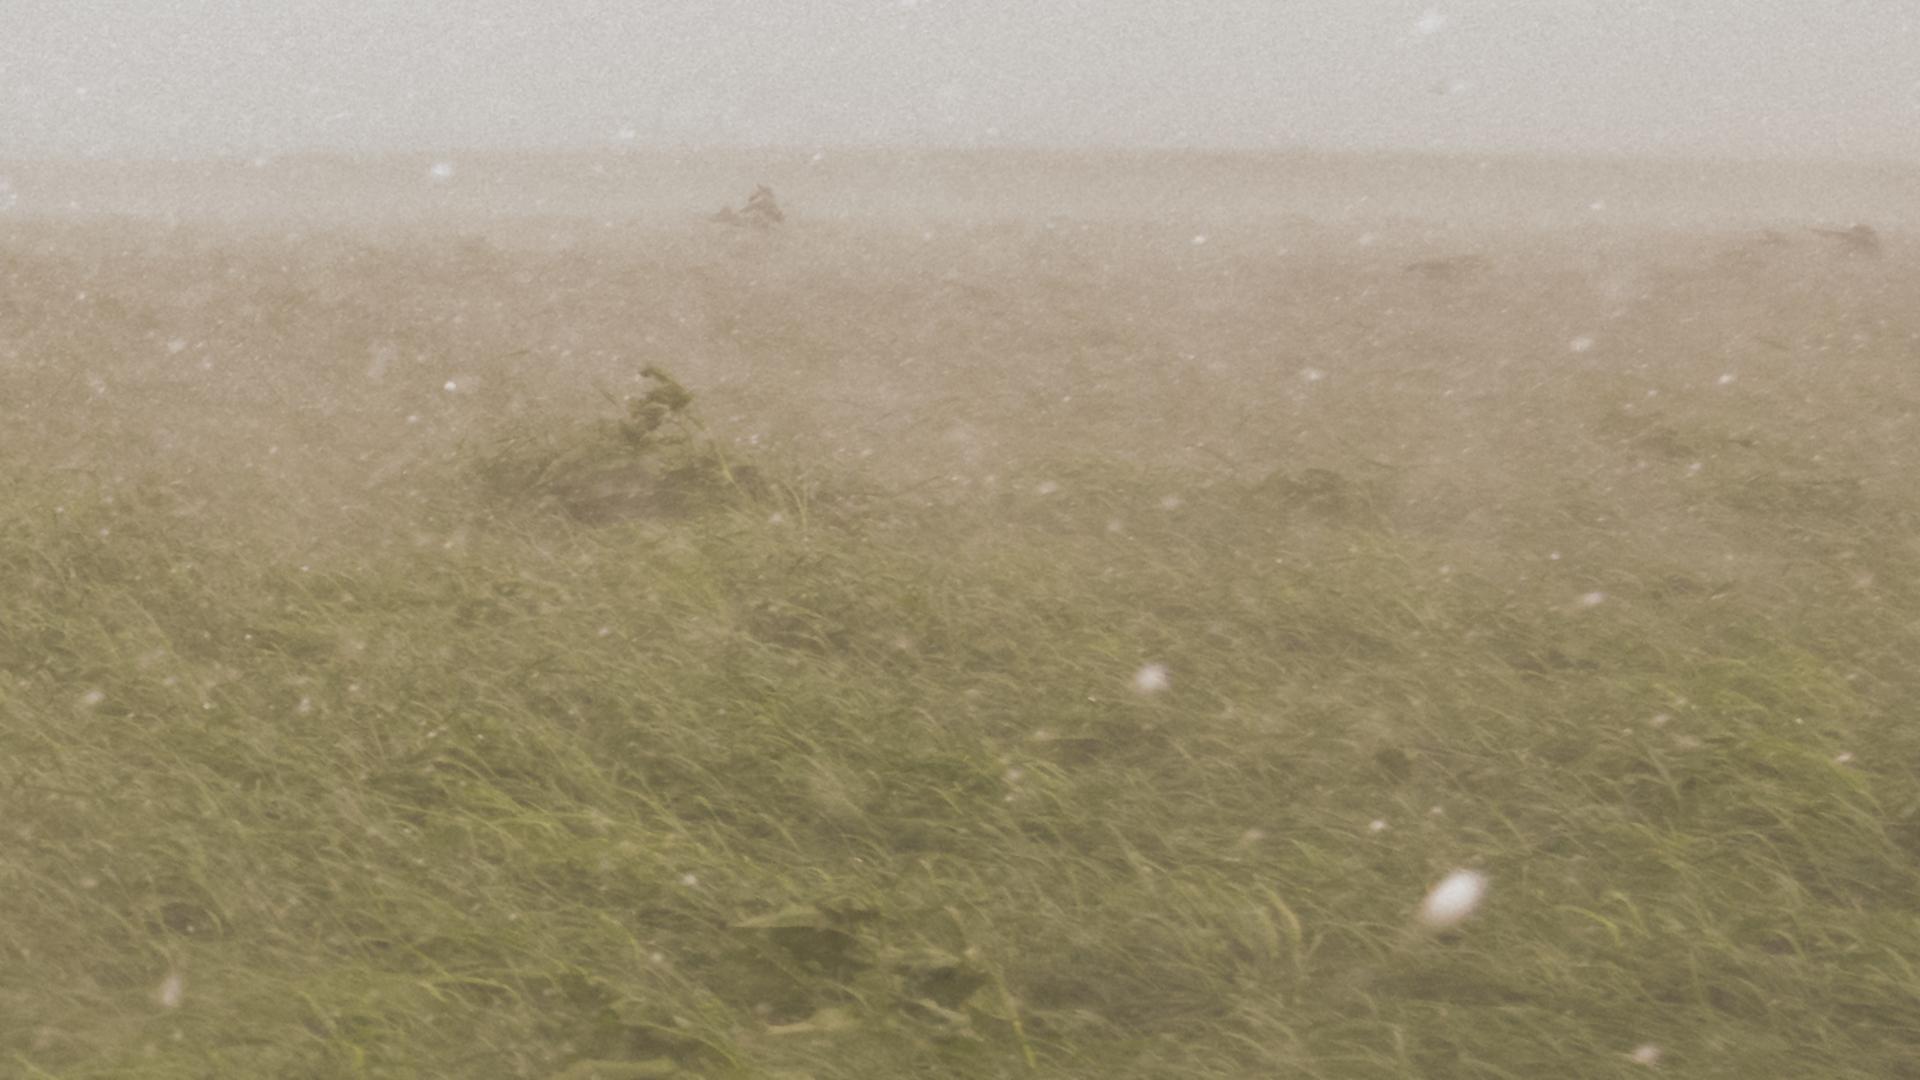 Instants d'orages – Chute de grêlons de 3 à 4 cm